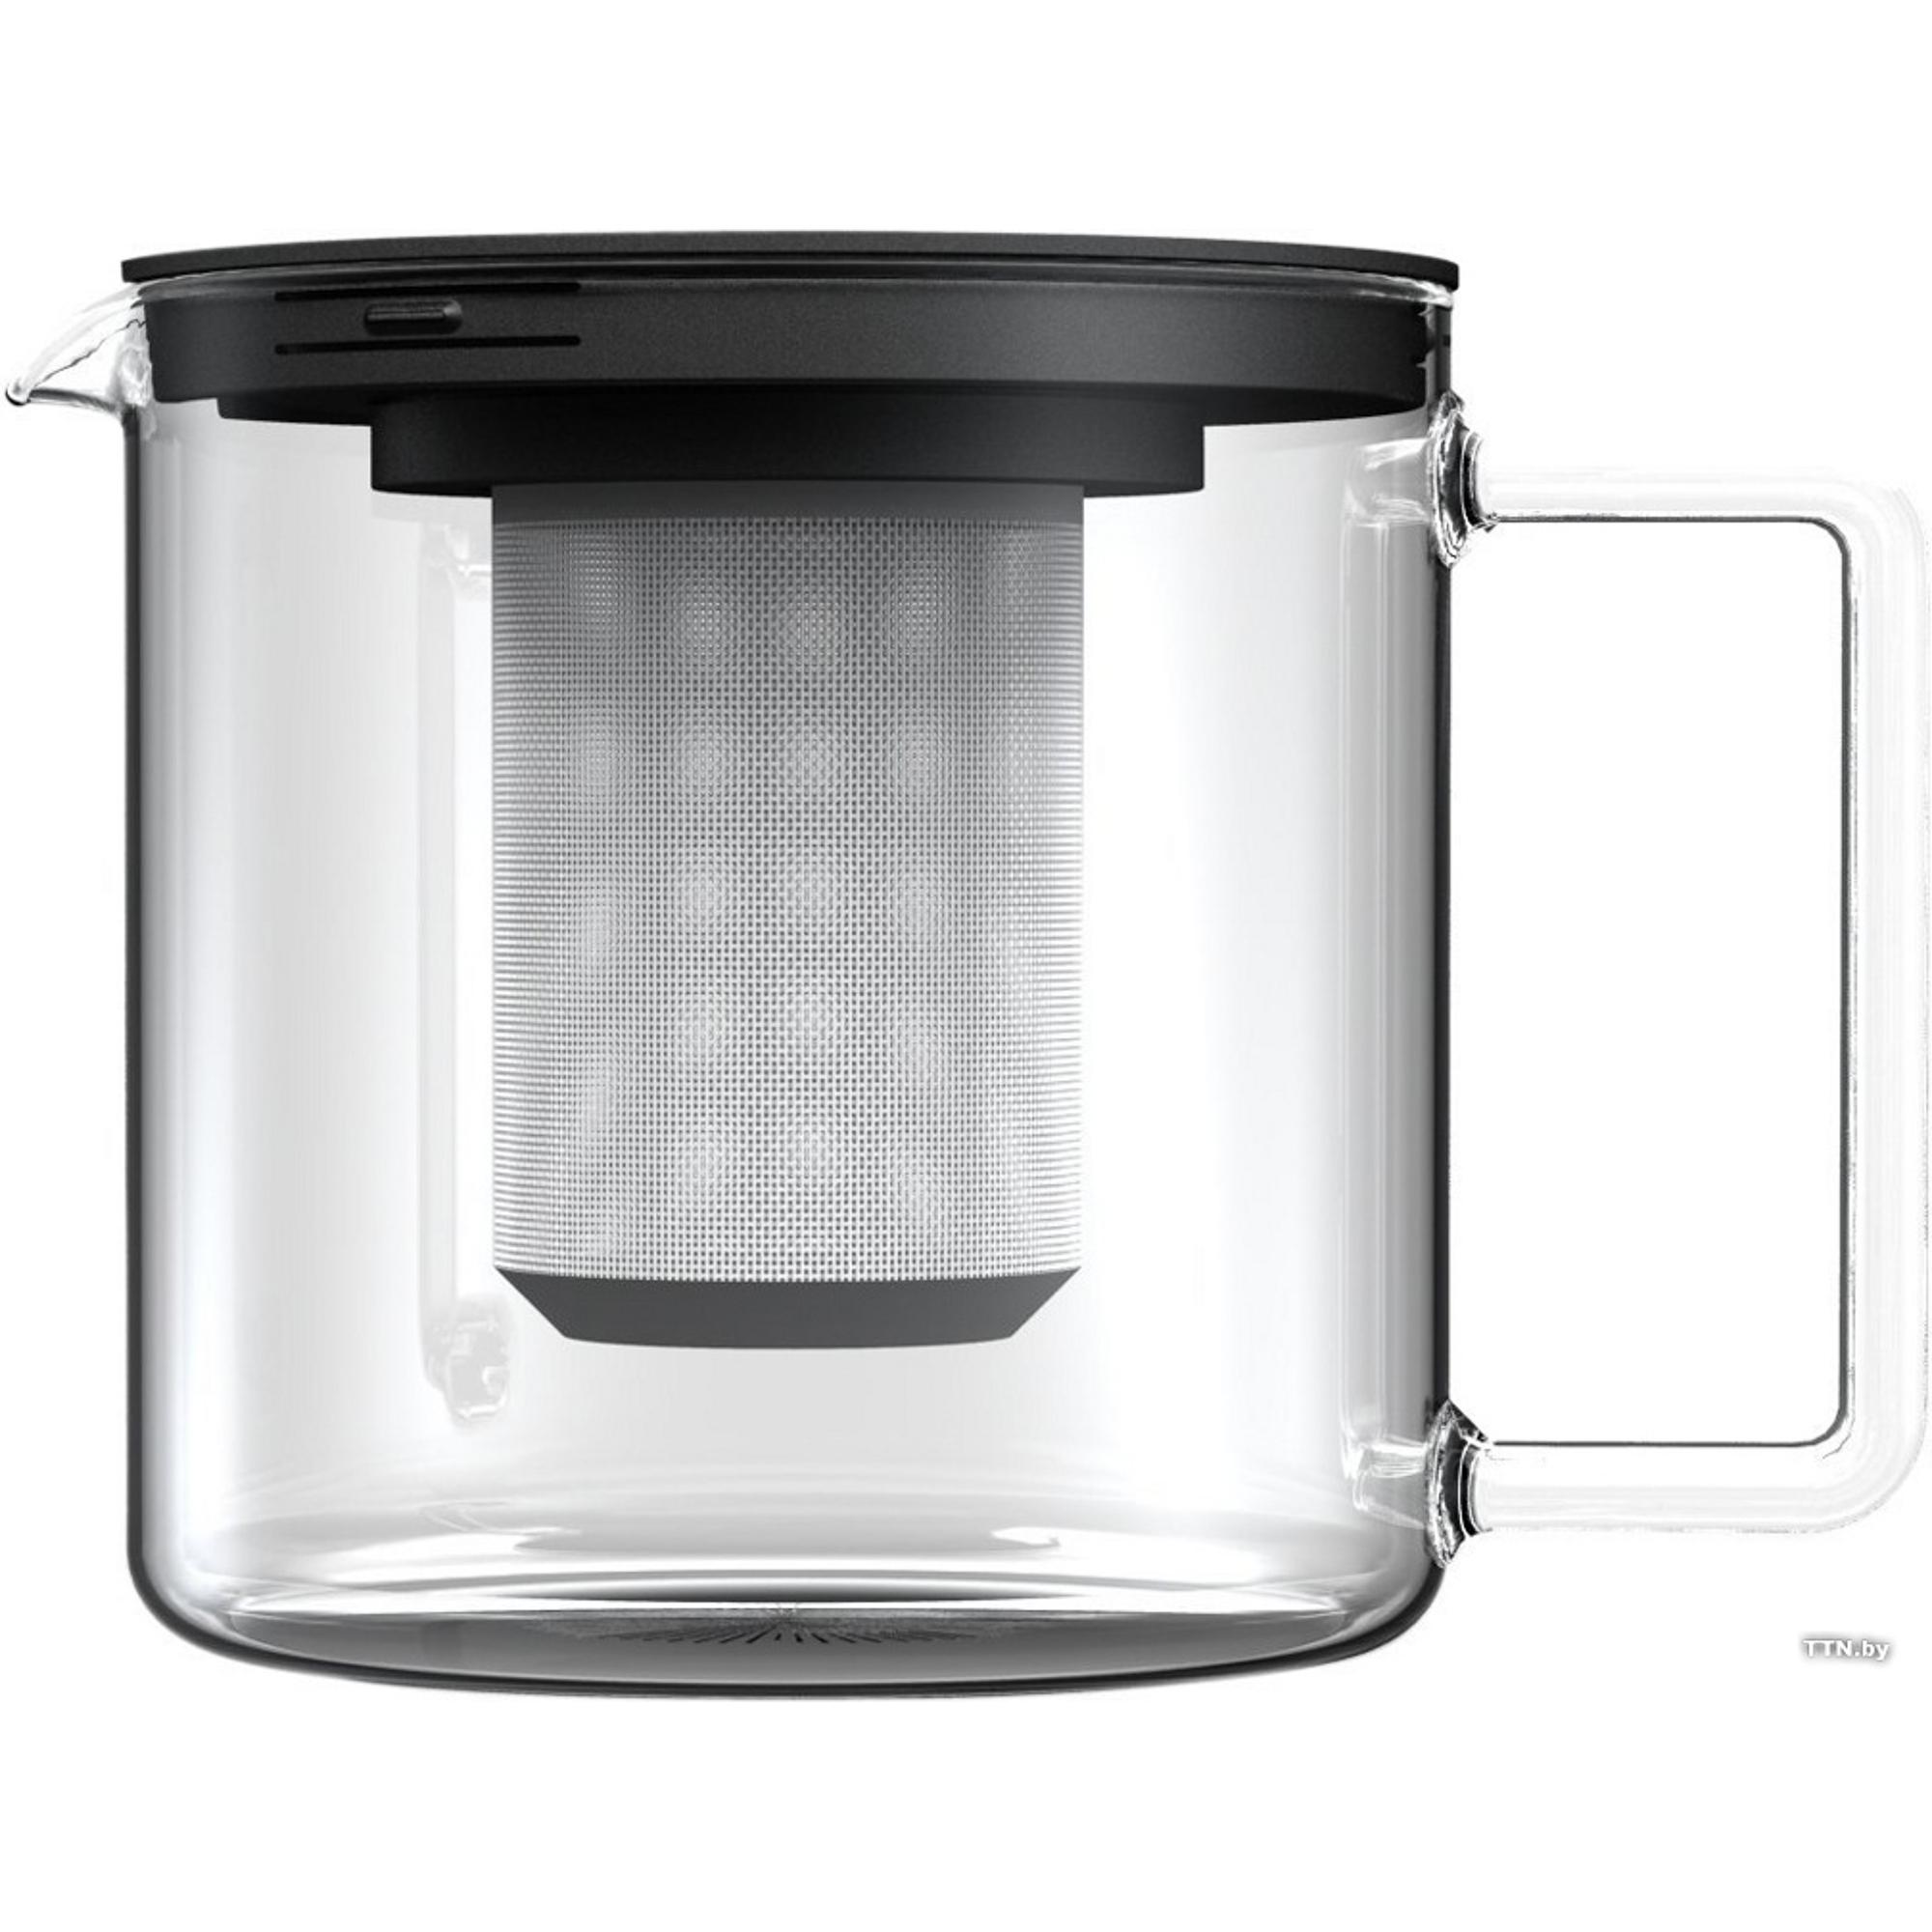 Фото - Чайник заварочный с метал фильтром Simax 1.3л миска simax simax classic 1 5л жаропрочное стекло л5899